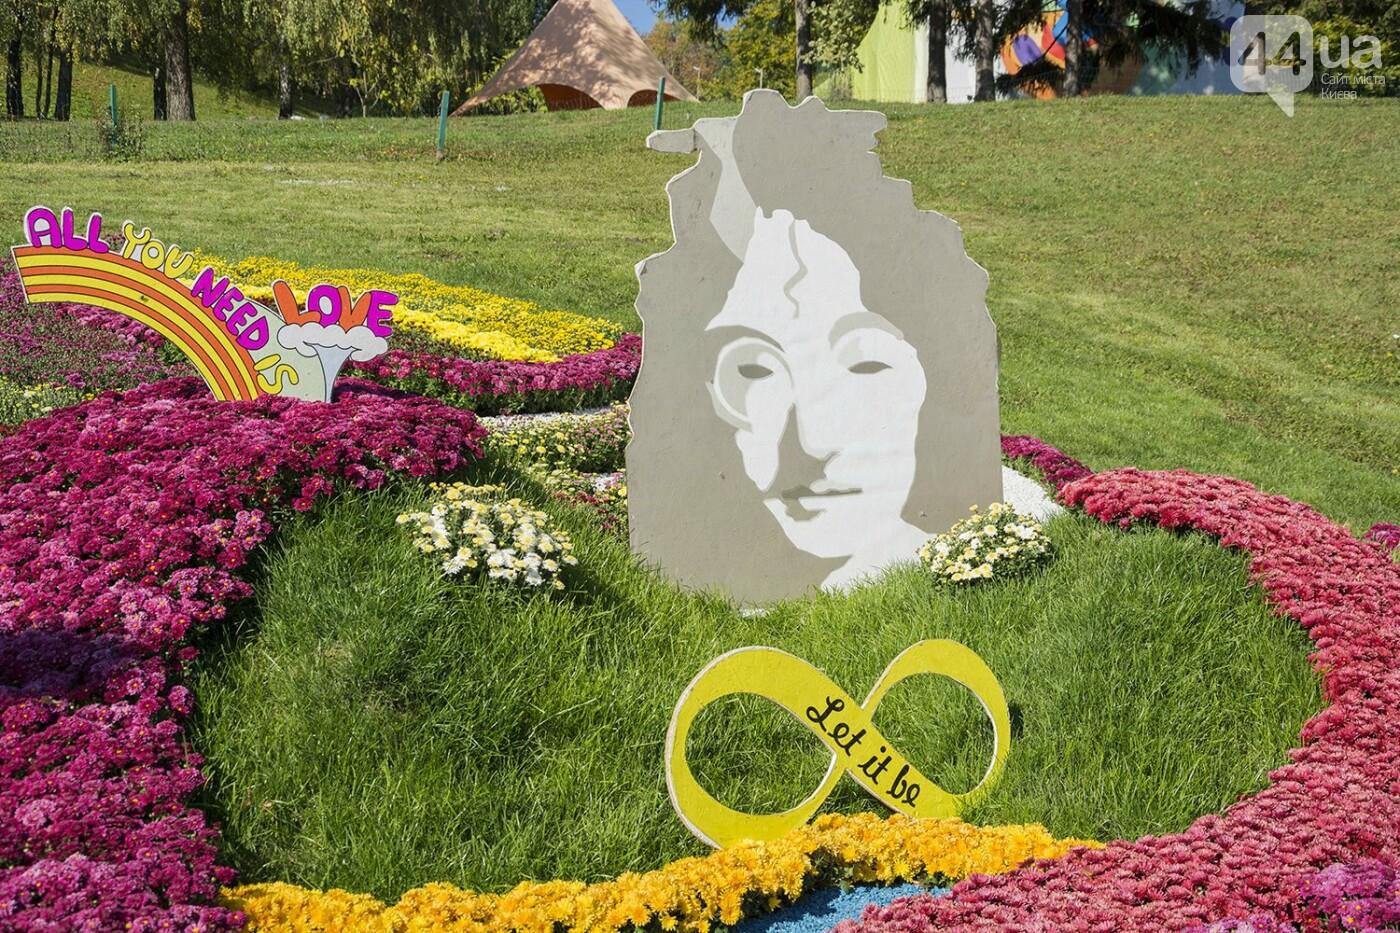 С музыкой и цветами: в Киеве стартовал красочный фестиваль хризантем, - ФОТОРЕПОРТАЖ, фото-10